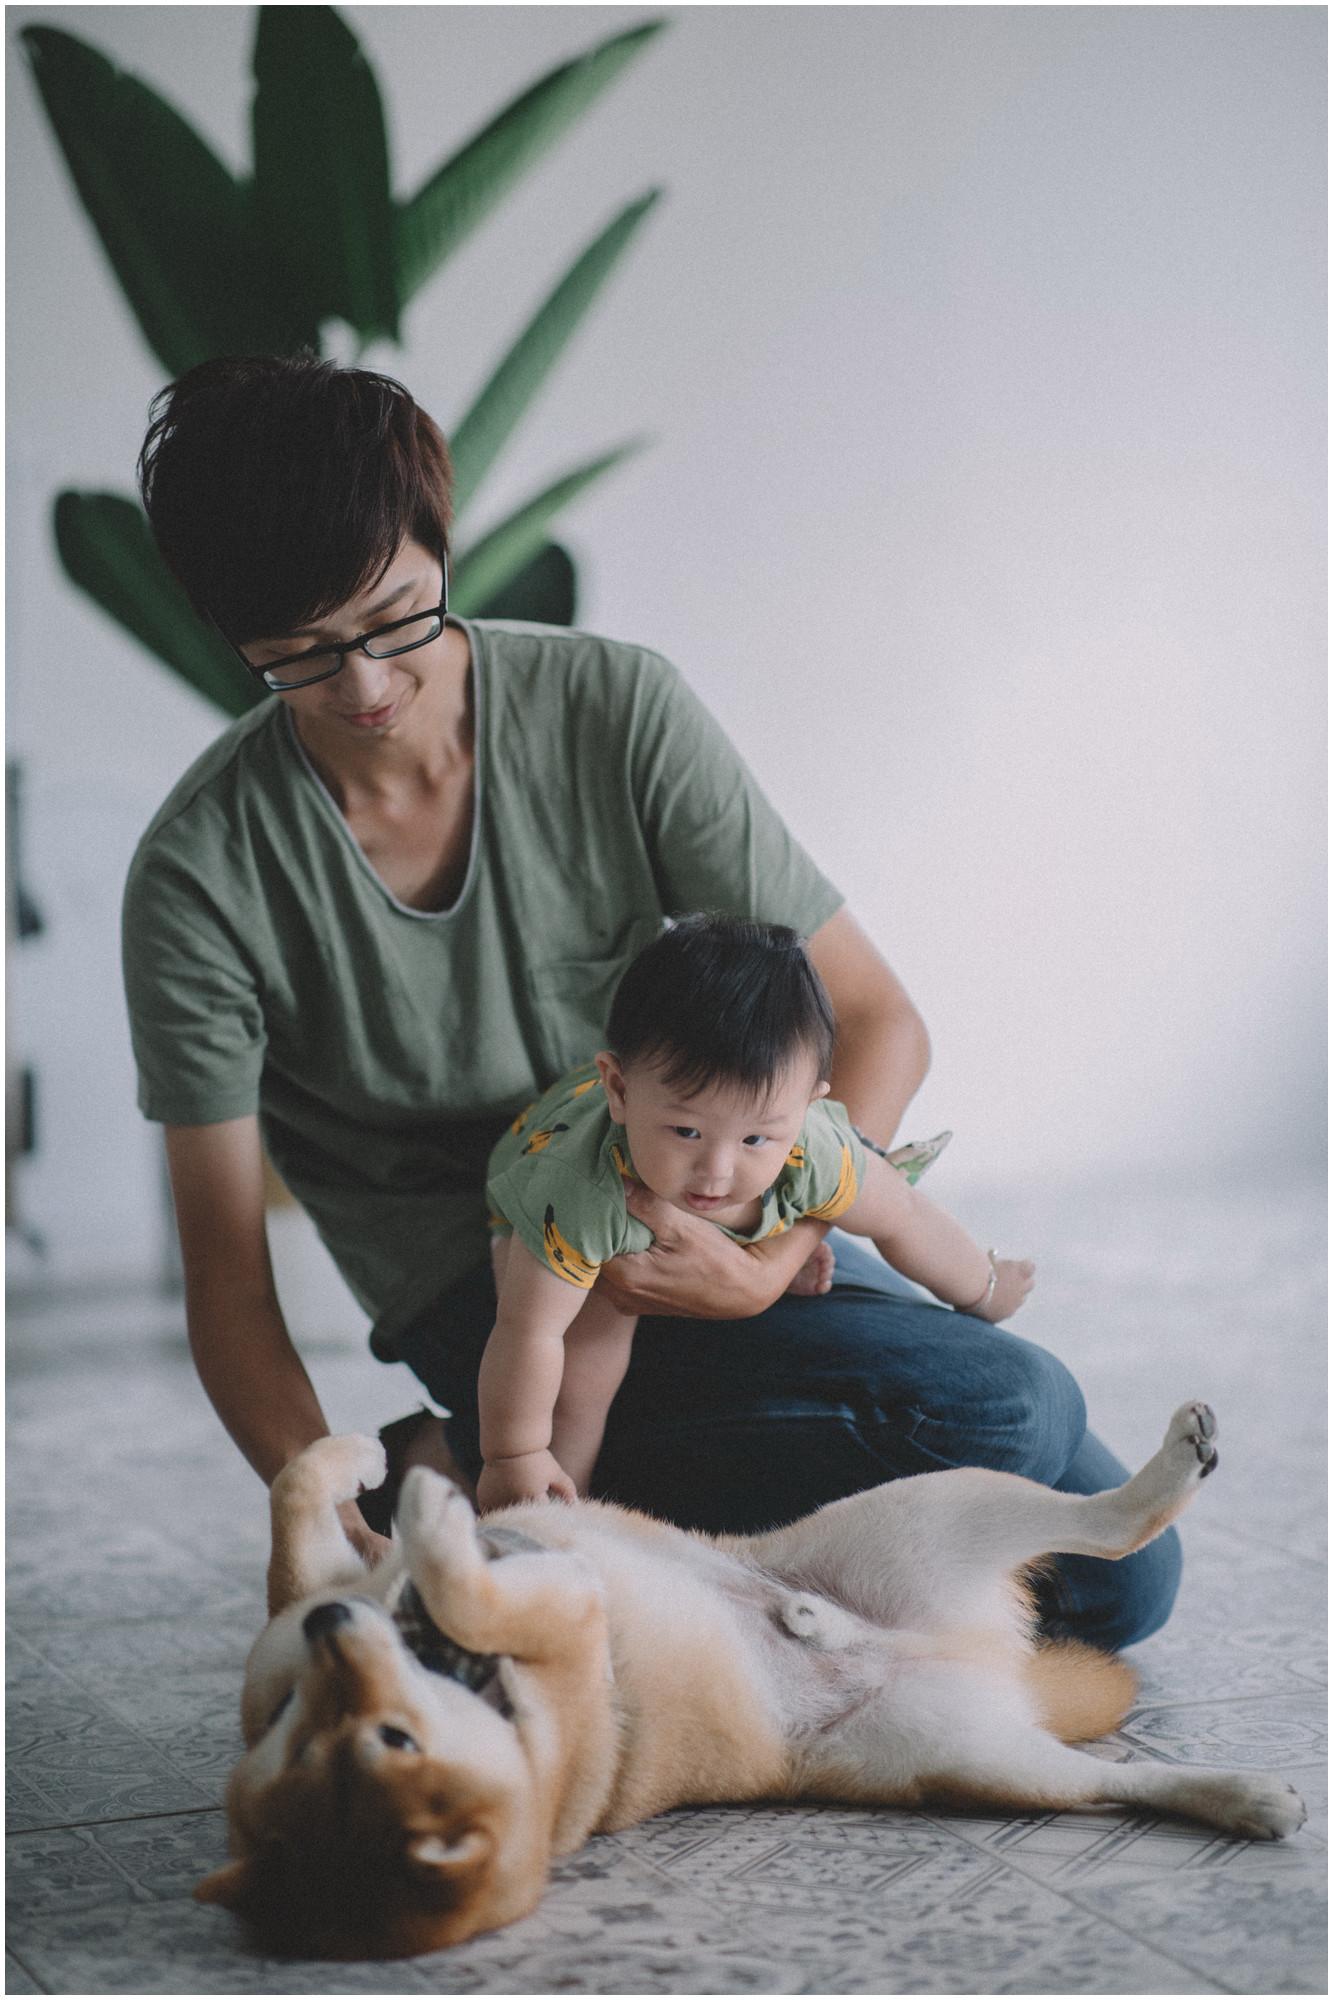 親子寫真 / 全家福 / 華山藝文特區 / 寵物寫真 / 素人寫真